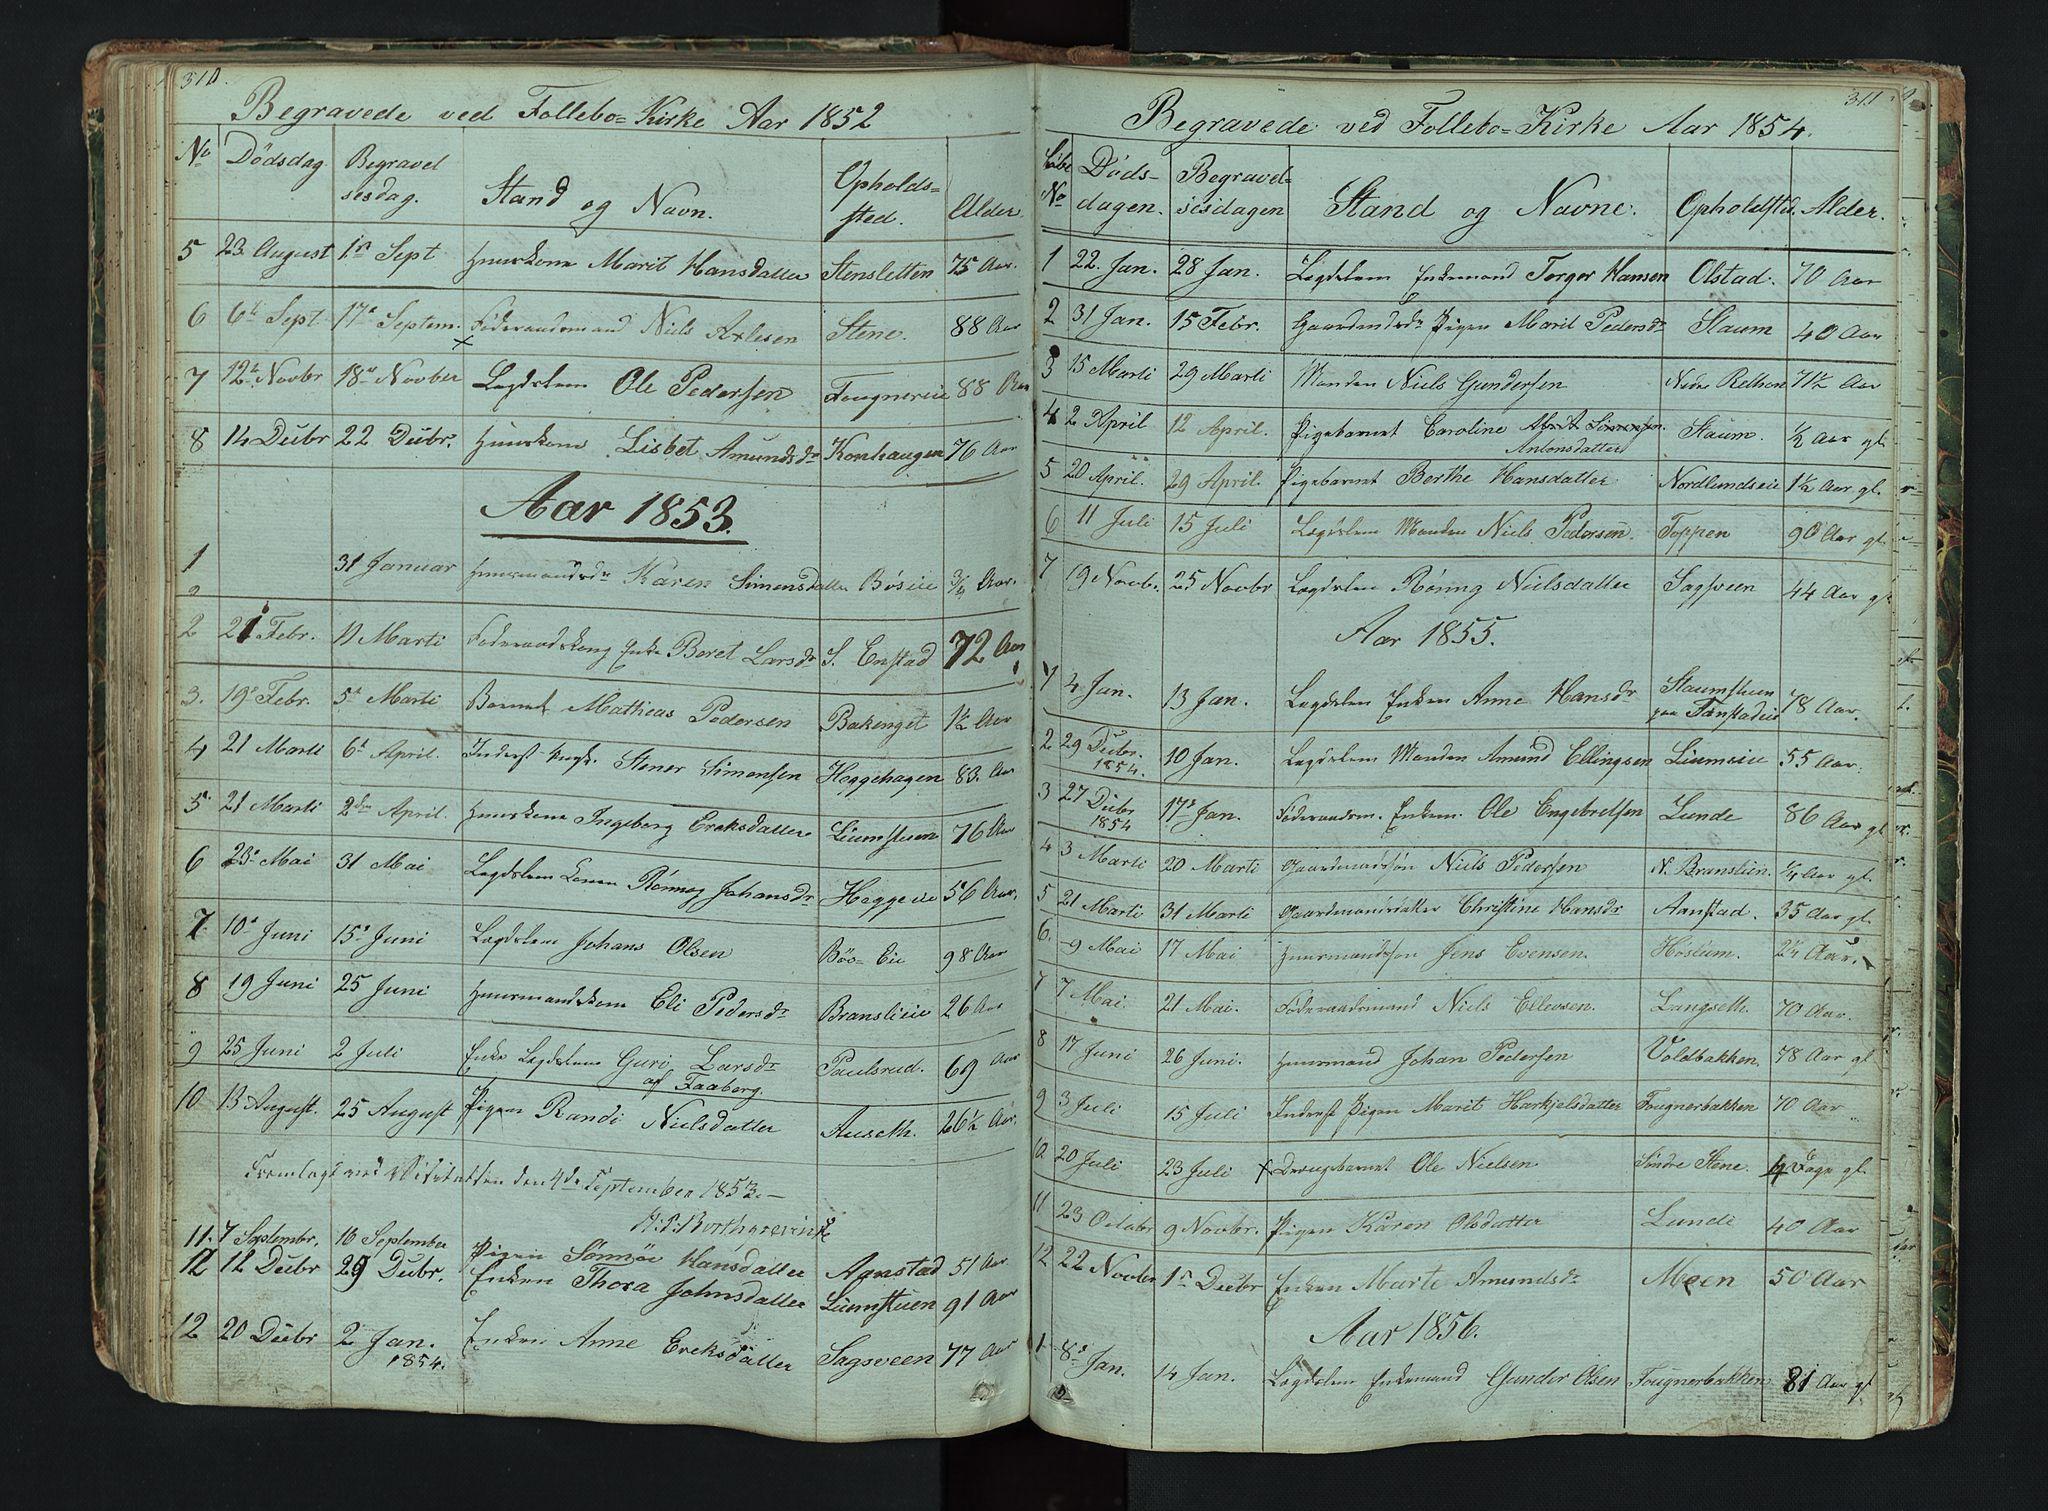 SAH, Gausdal prestekontor, Klokkerbok nr. 6, 1846-1893, s. 310-311